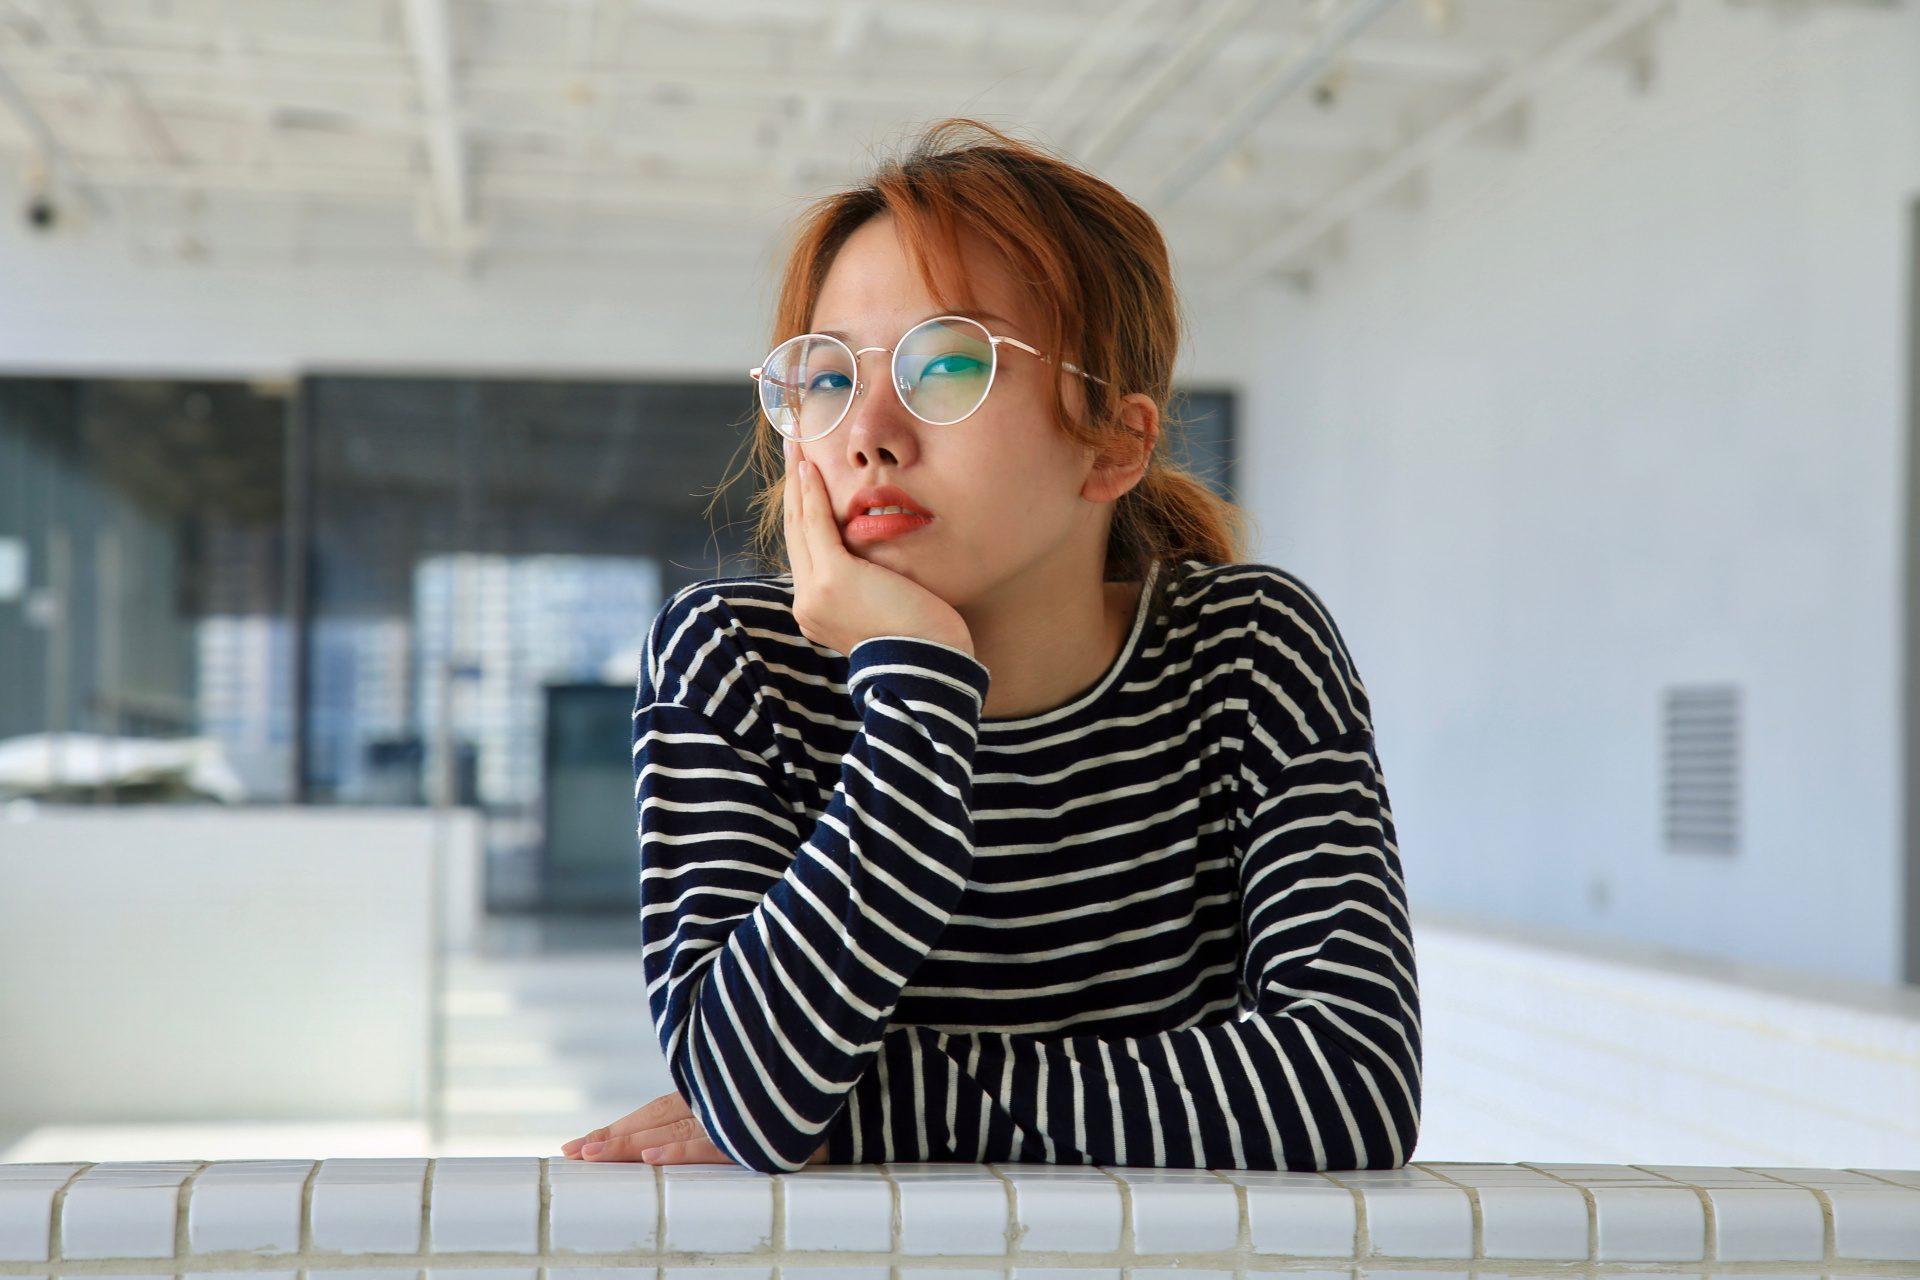 Birine Baglanmadan Once Kendinize Sormaniz Gereken 6 Soru